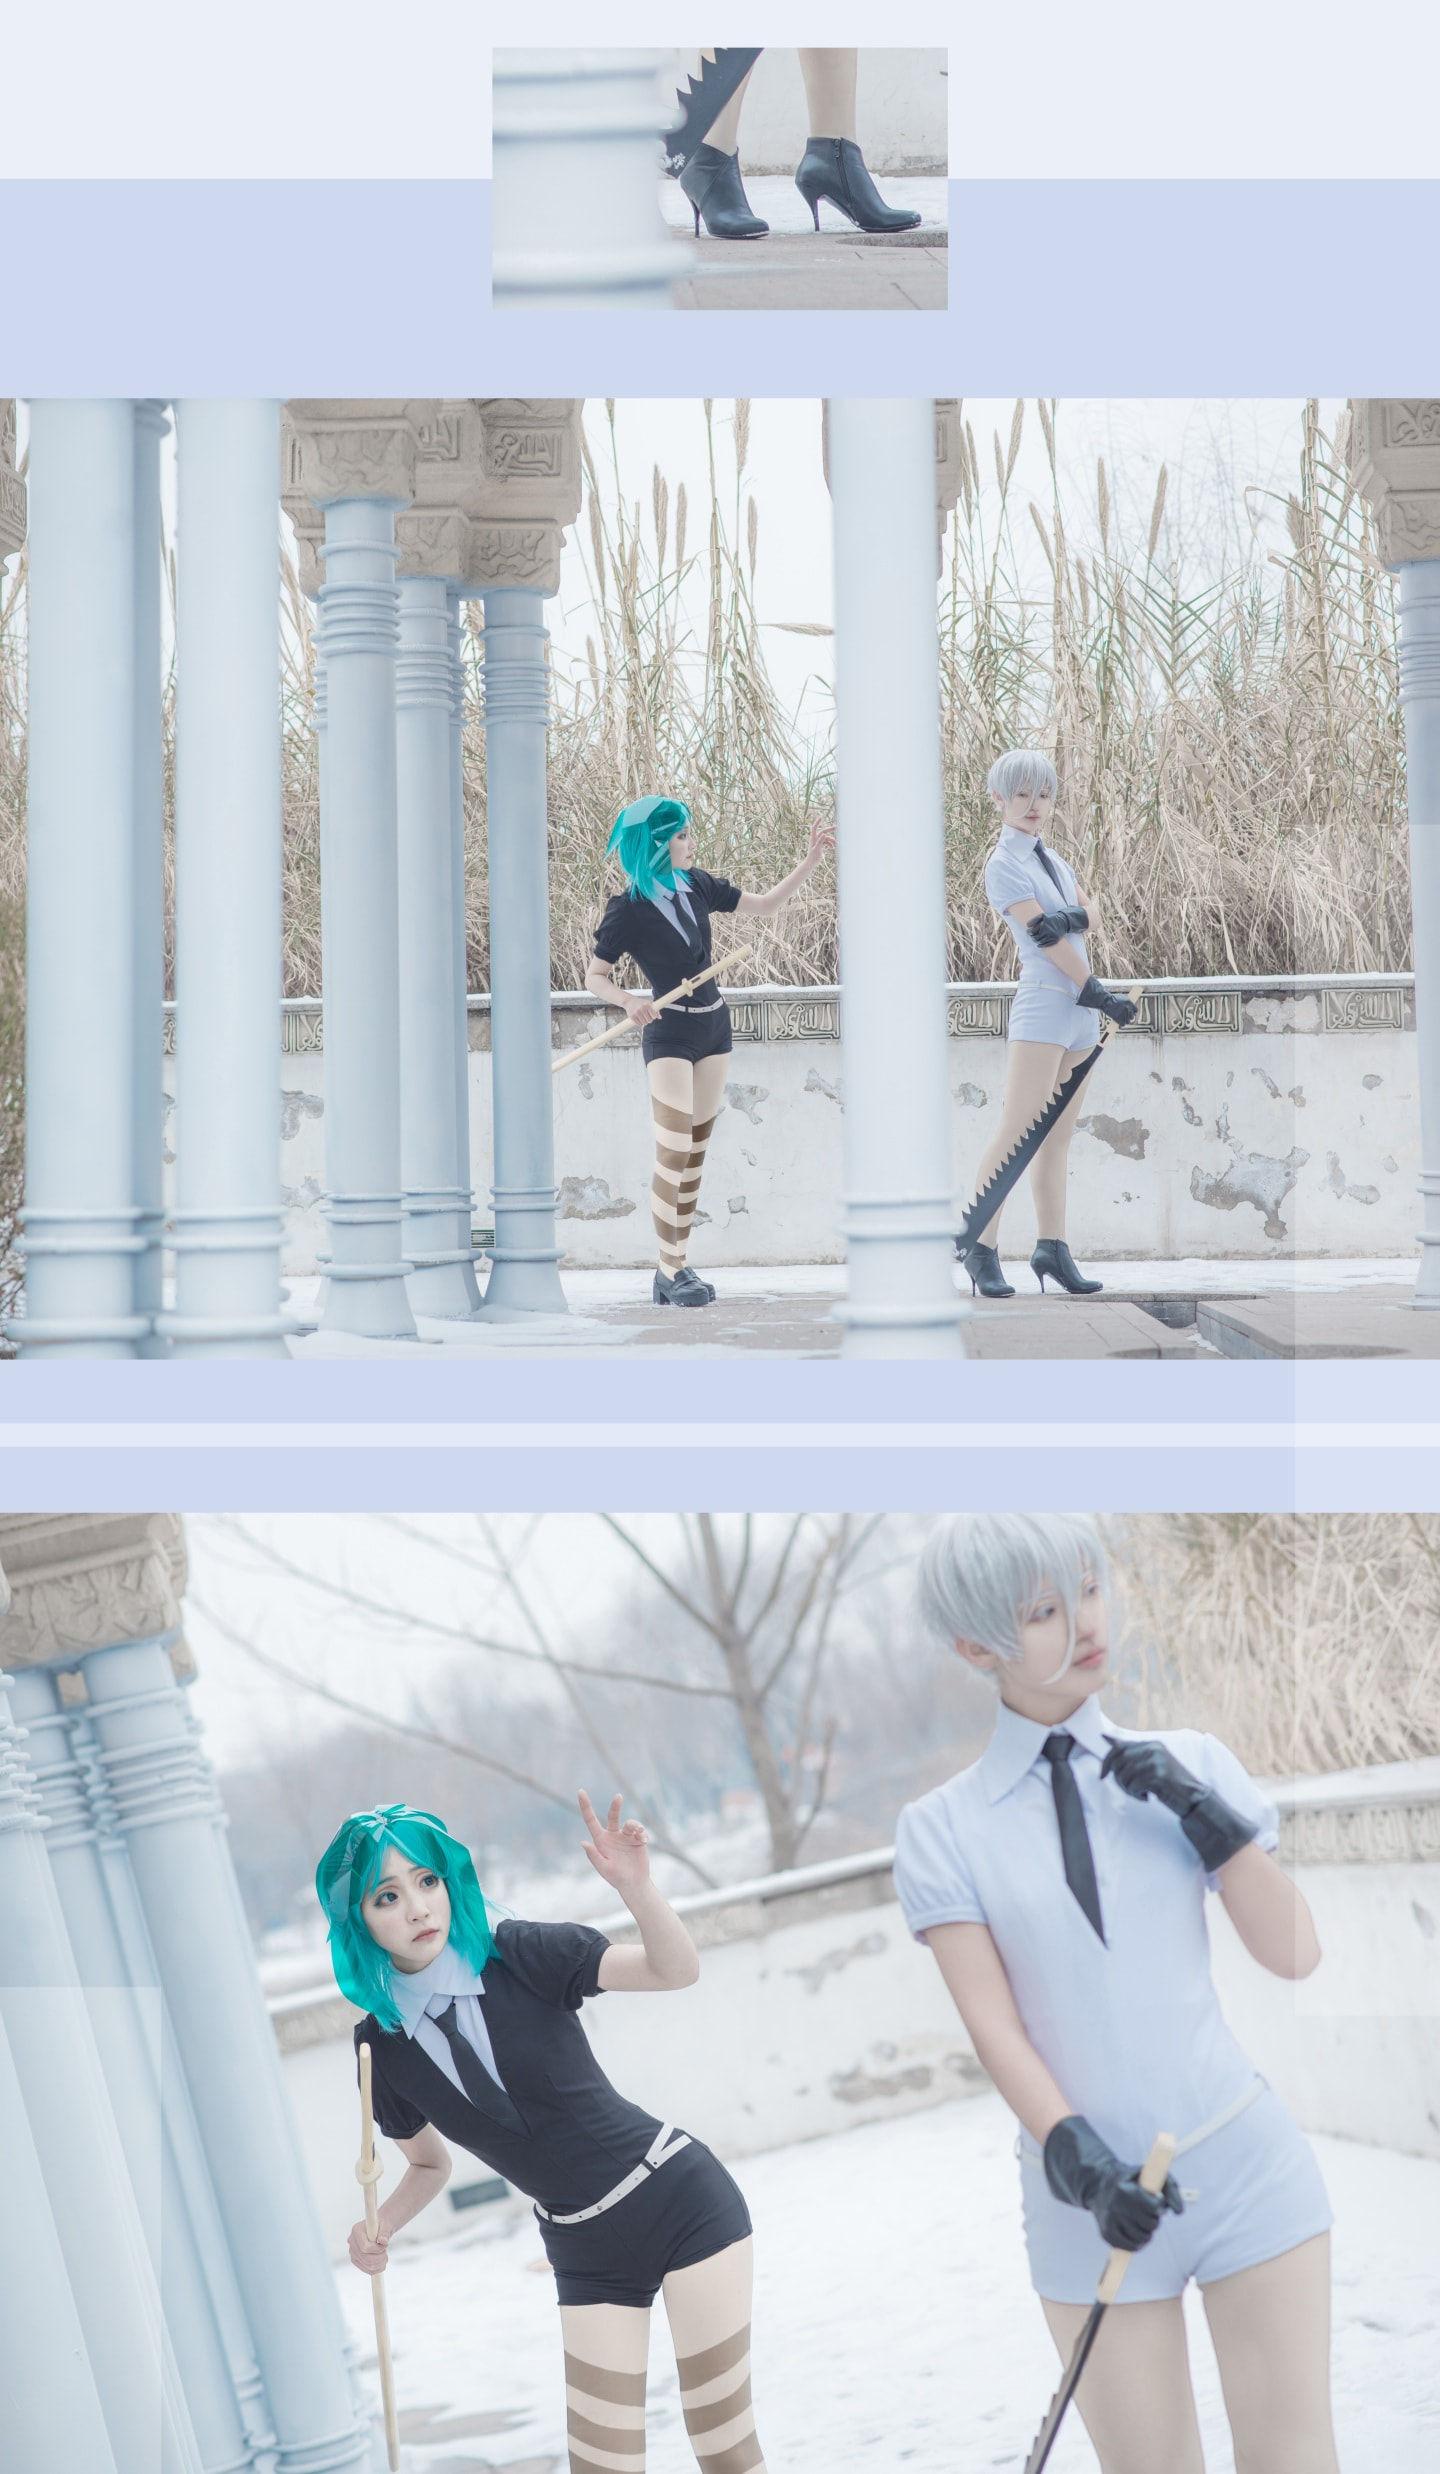 宝石之国冬巡组cosplay插图(2)